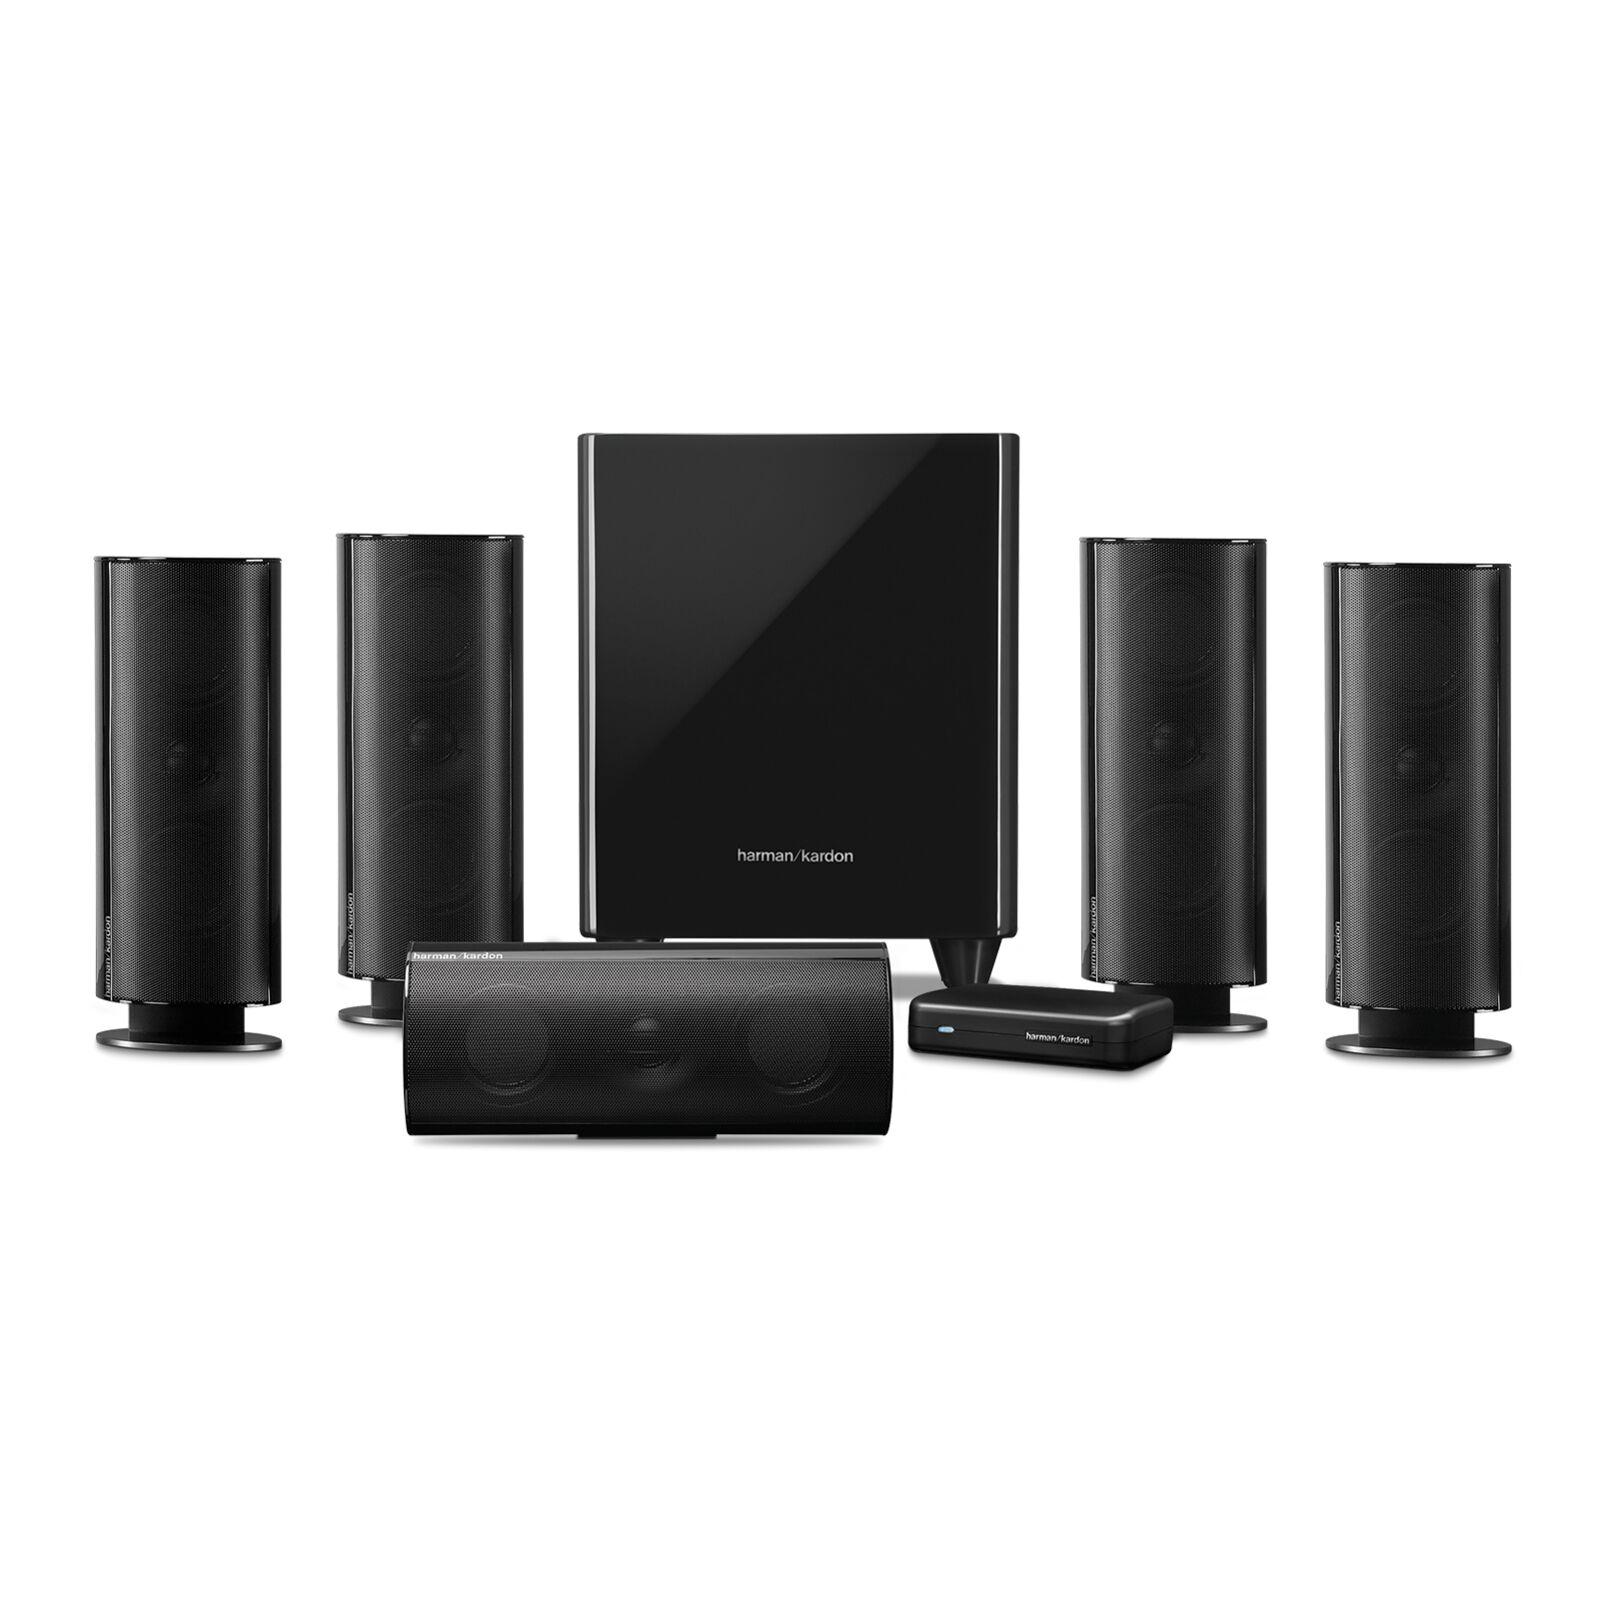 harman kardon hkts 65a 5 1 channel home theatre speaker. Black Bedroom Furniture Sets. Home Design Ideas